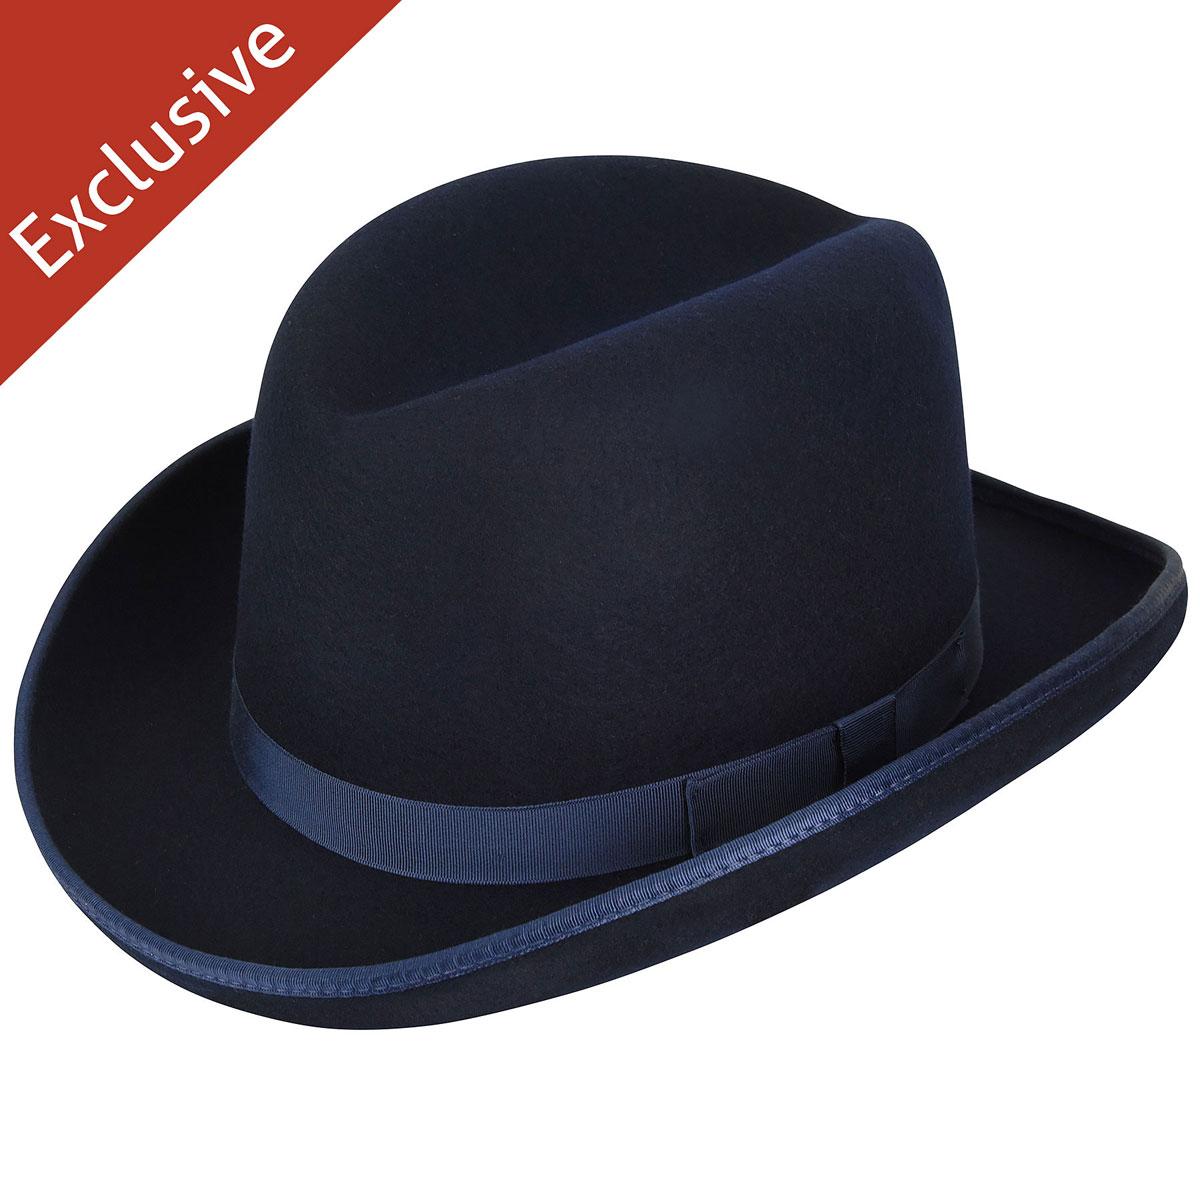 Hats.com Big Boss Homburg - Exclusive in Navy